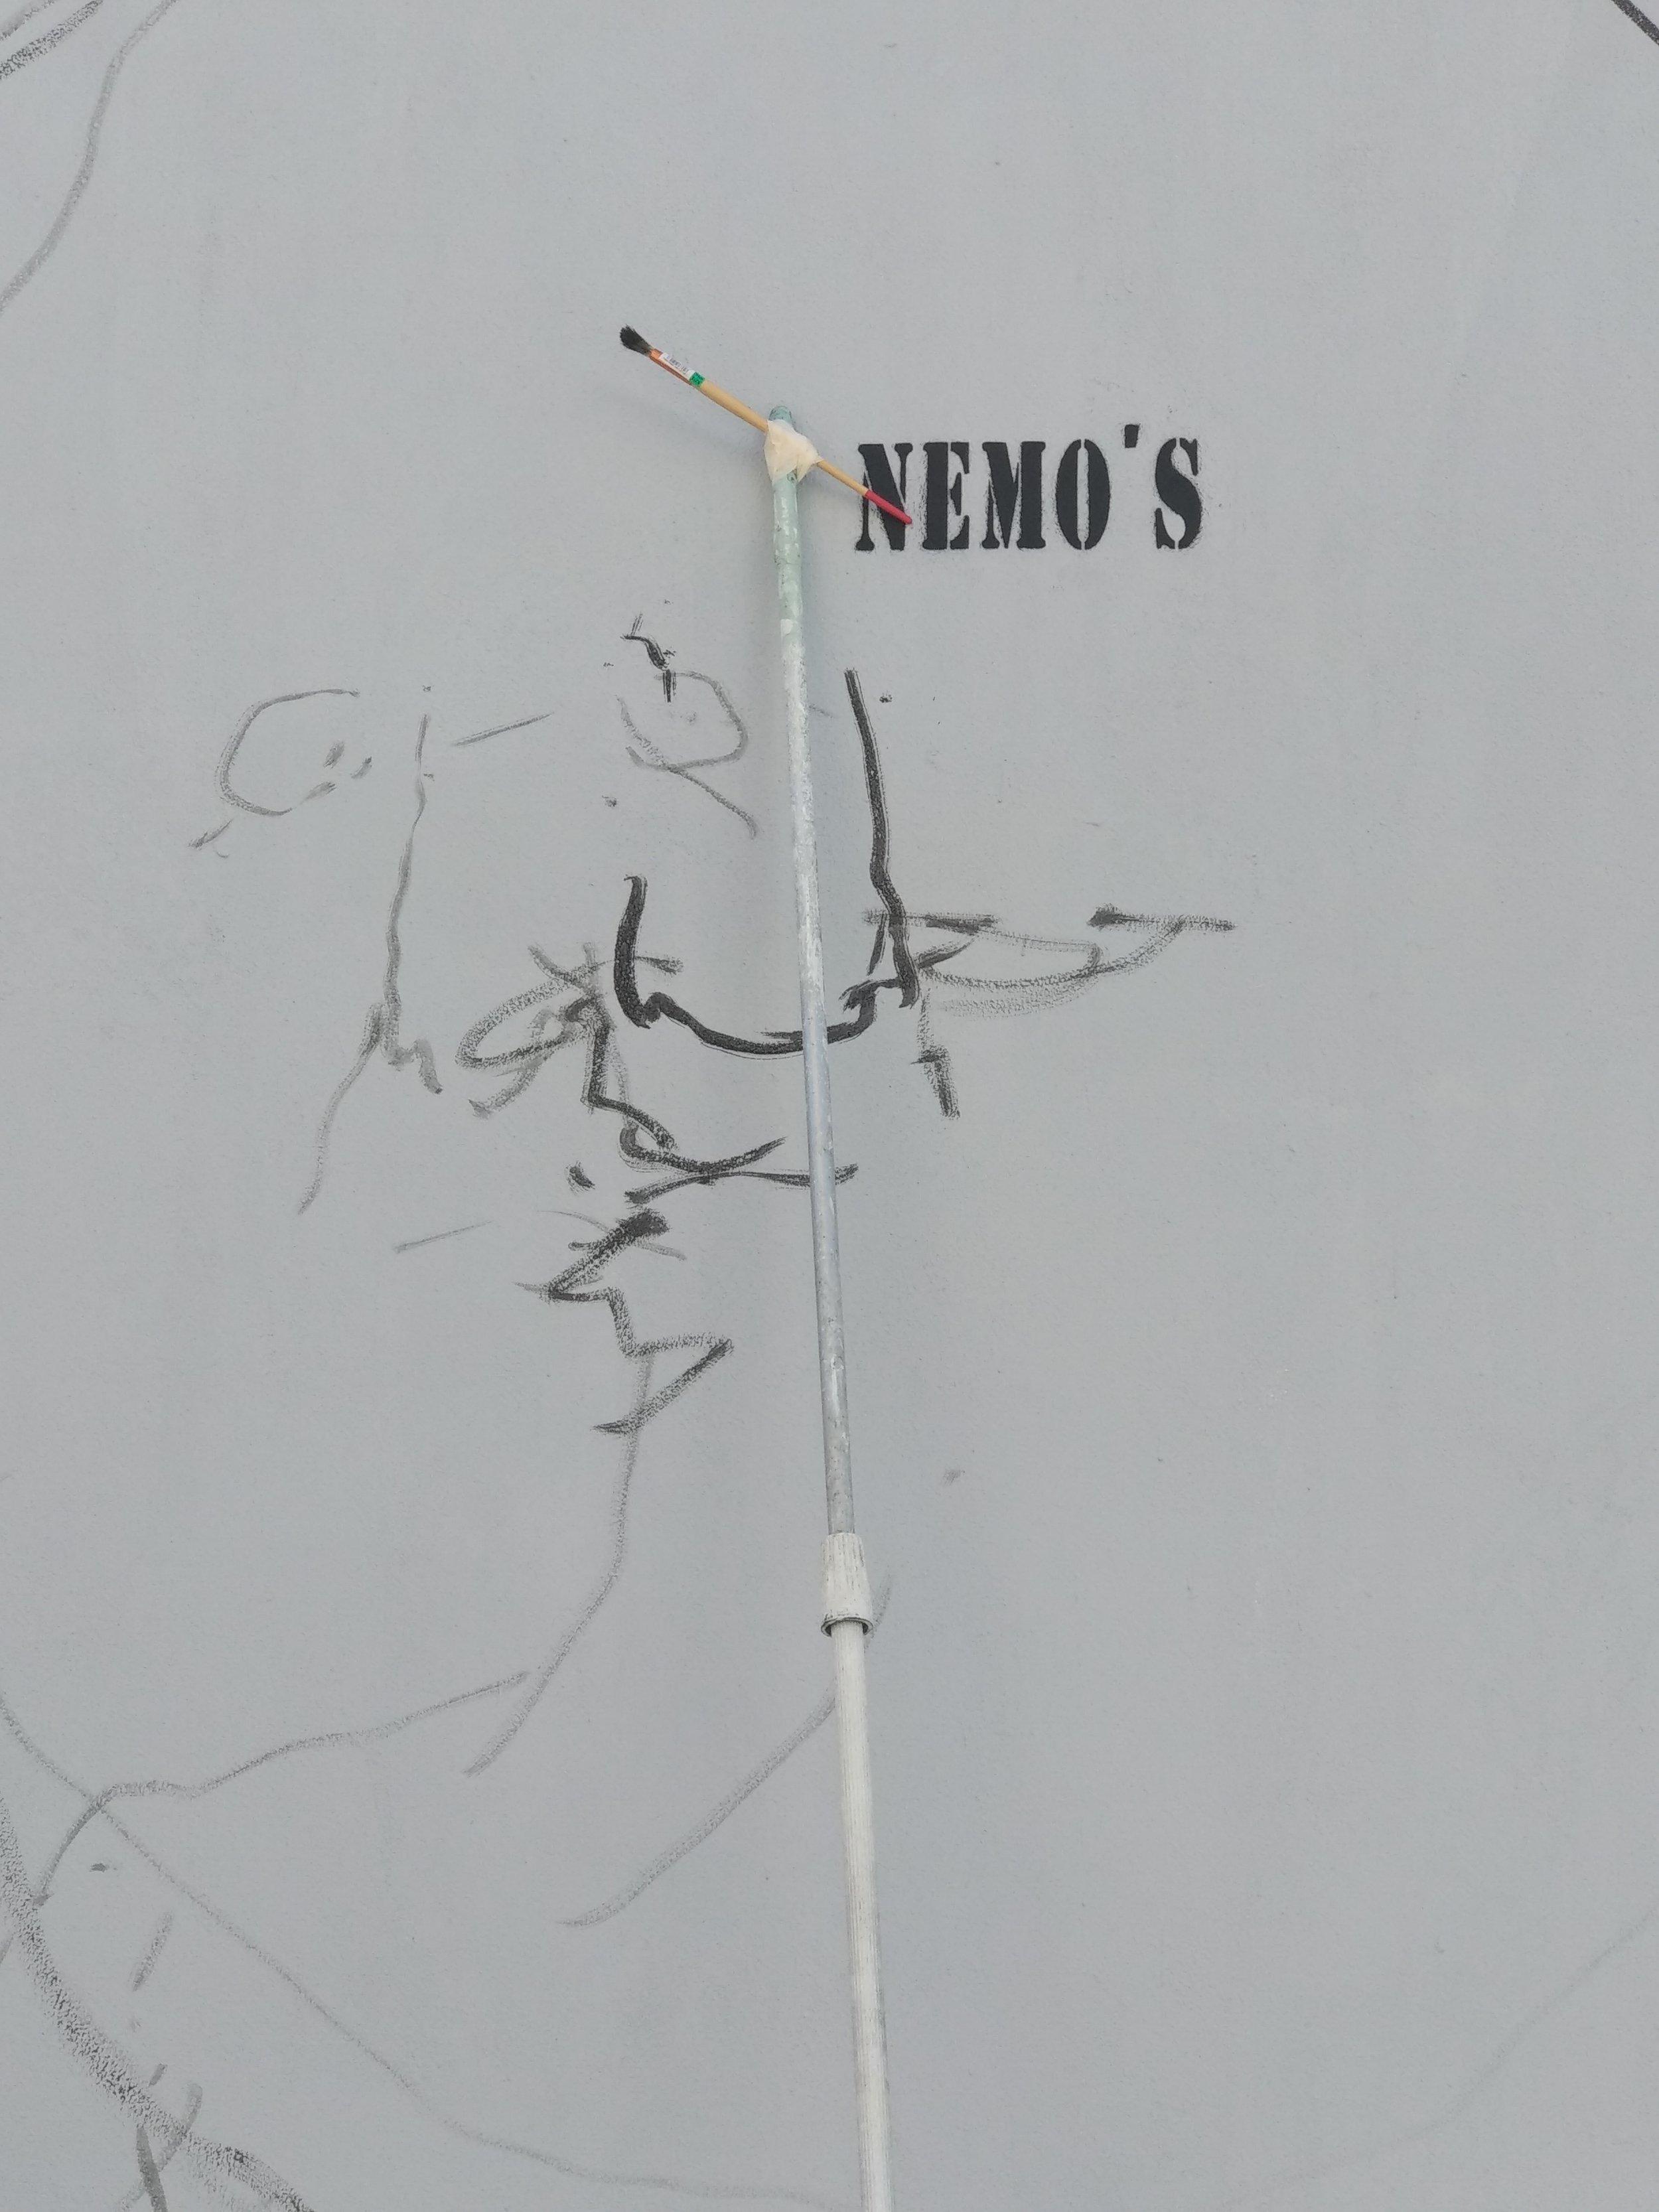 Nemos - Muros Tabacalera 2019.jpg